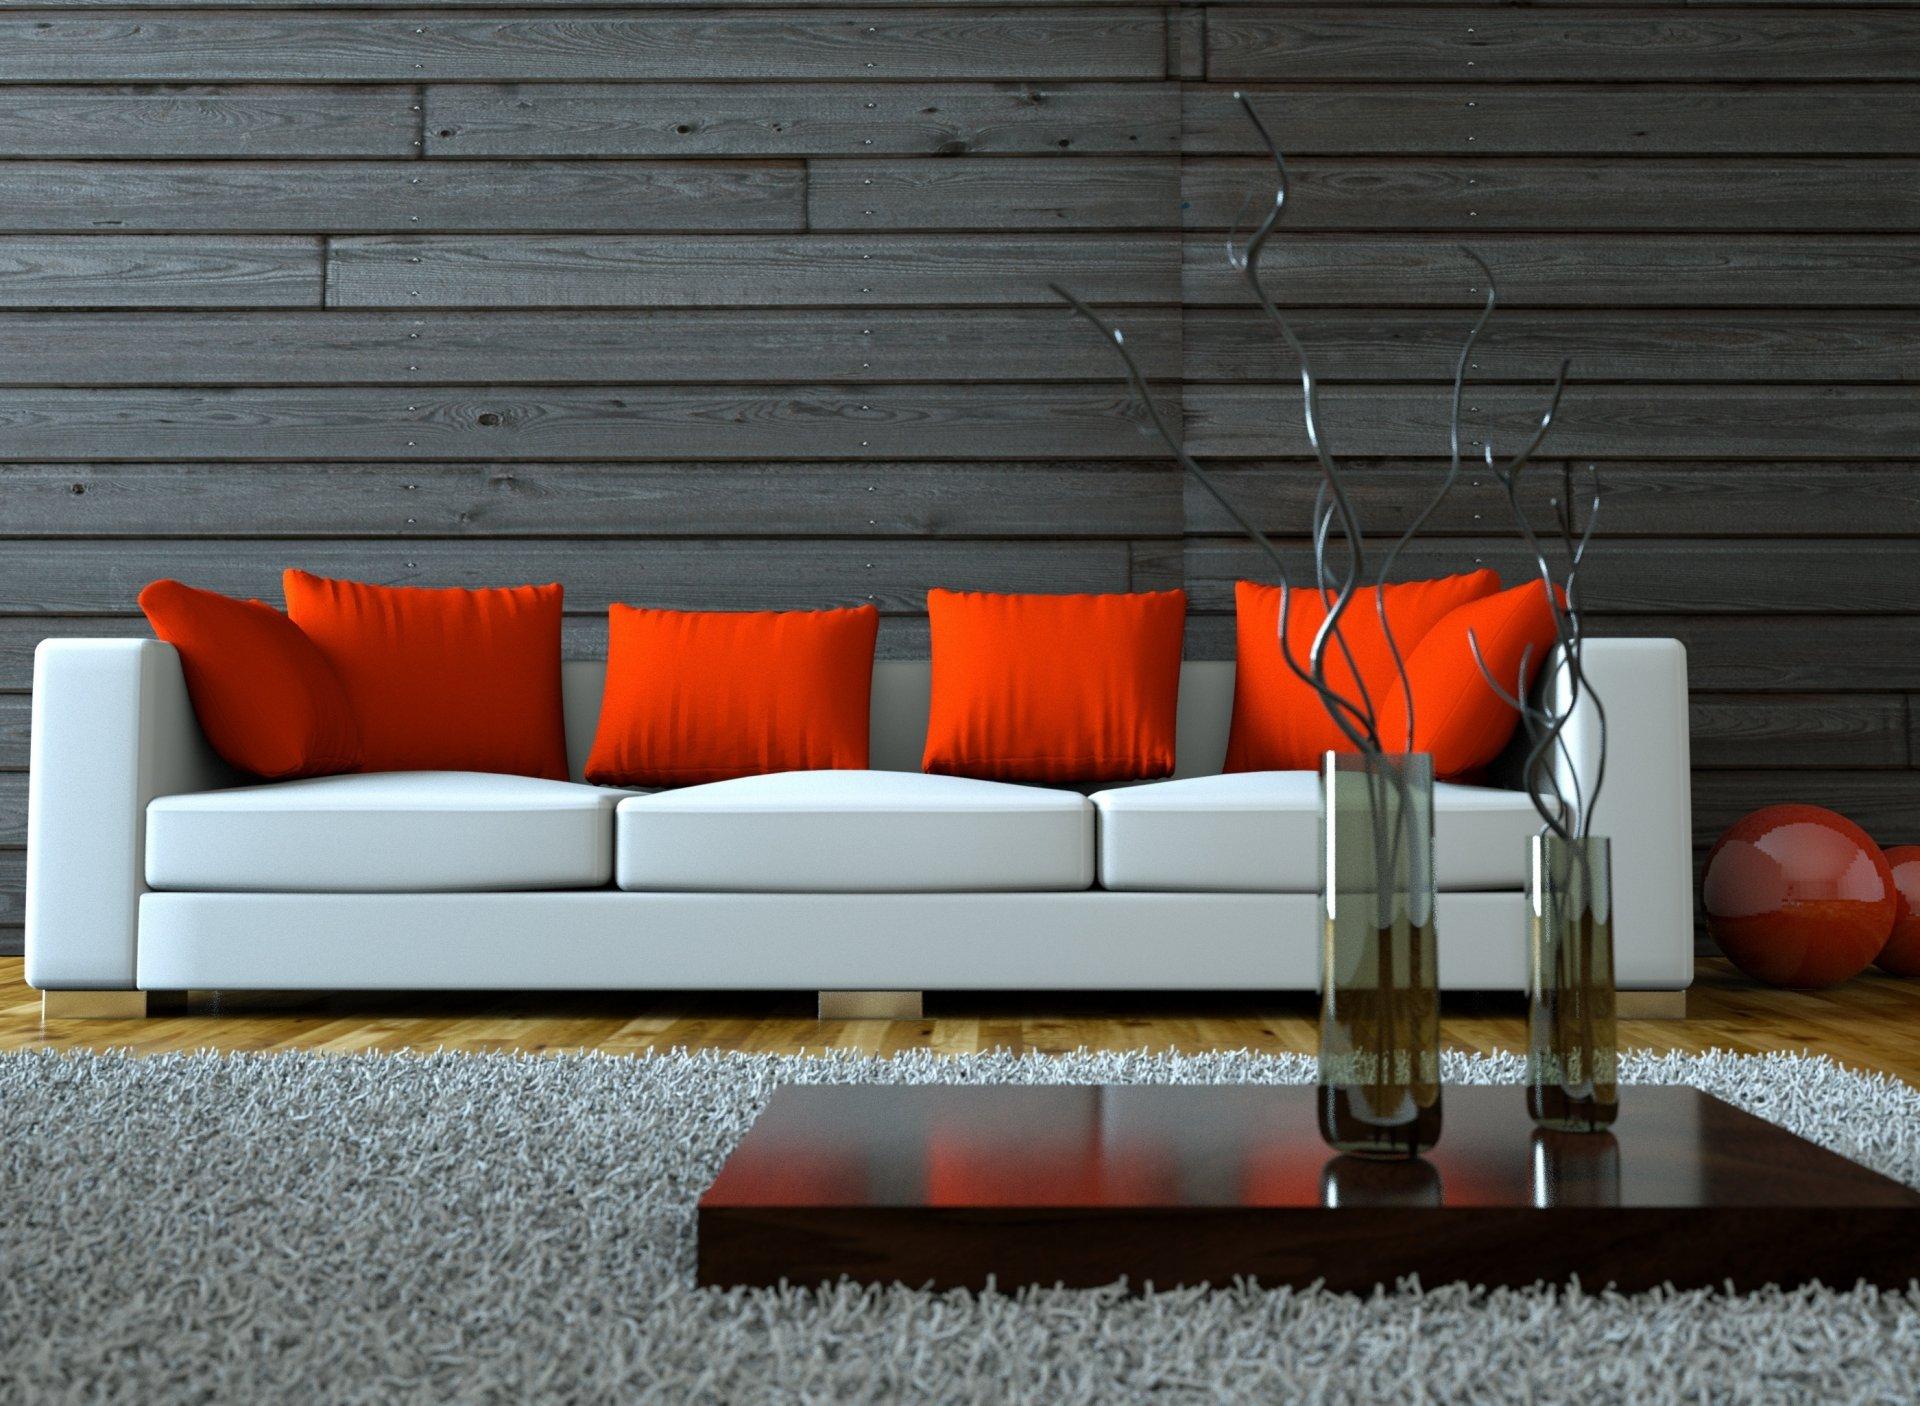 Яркие оранжевые подушки на светлом диване